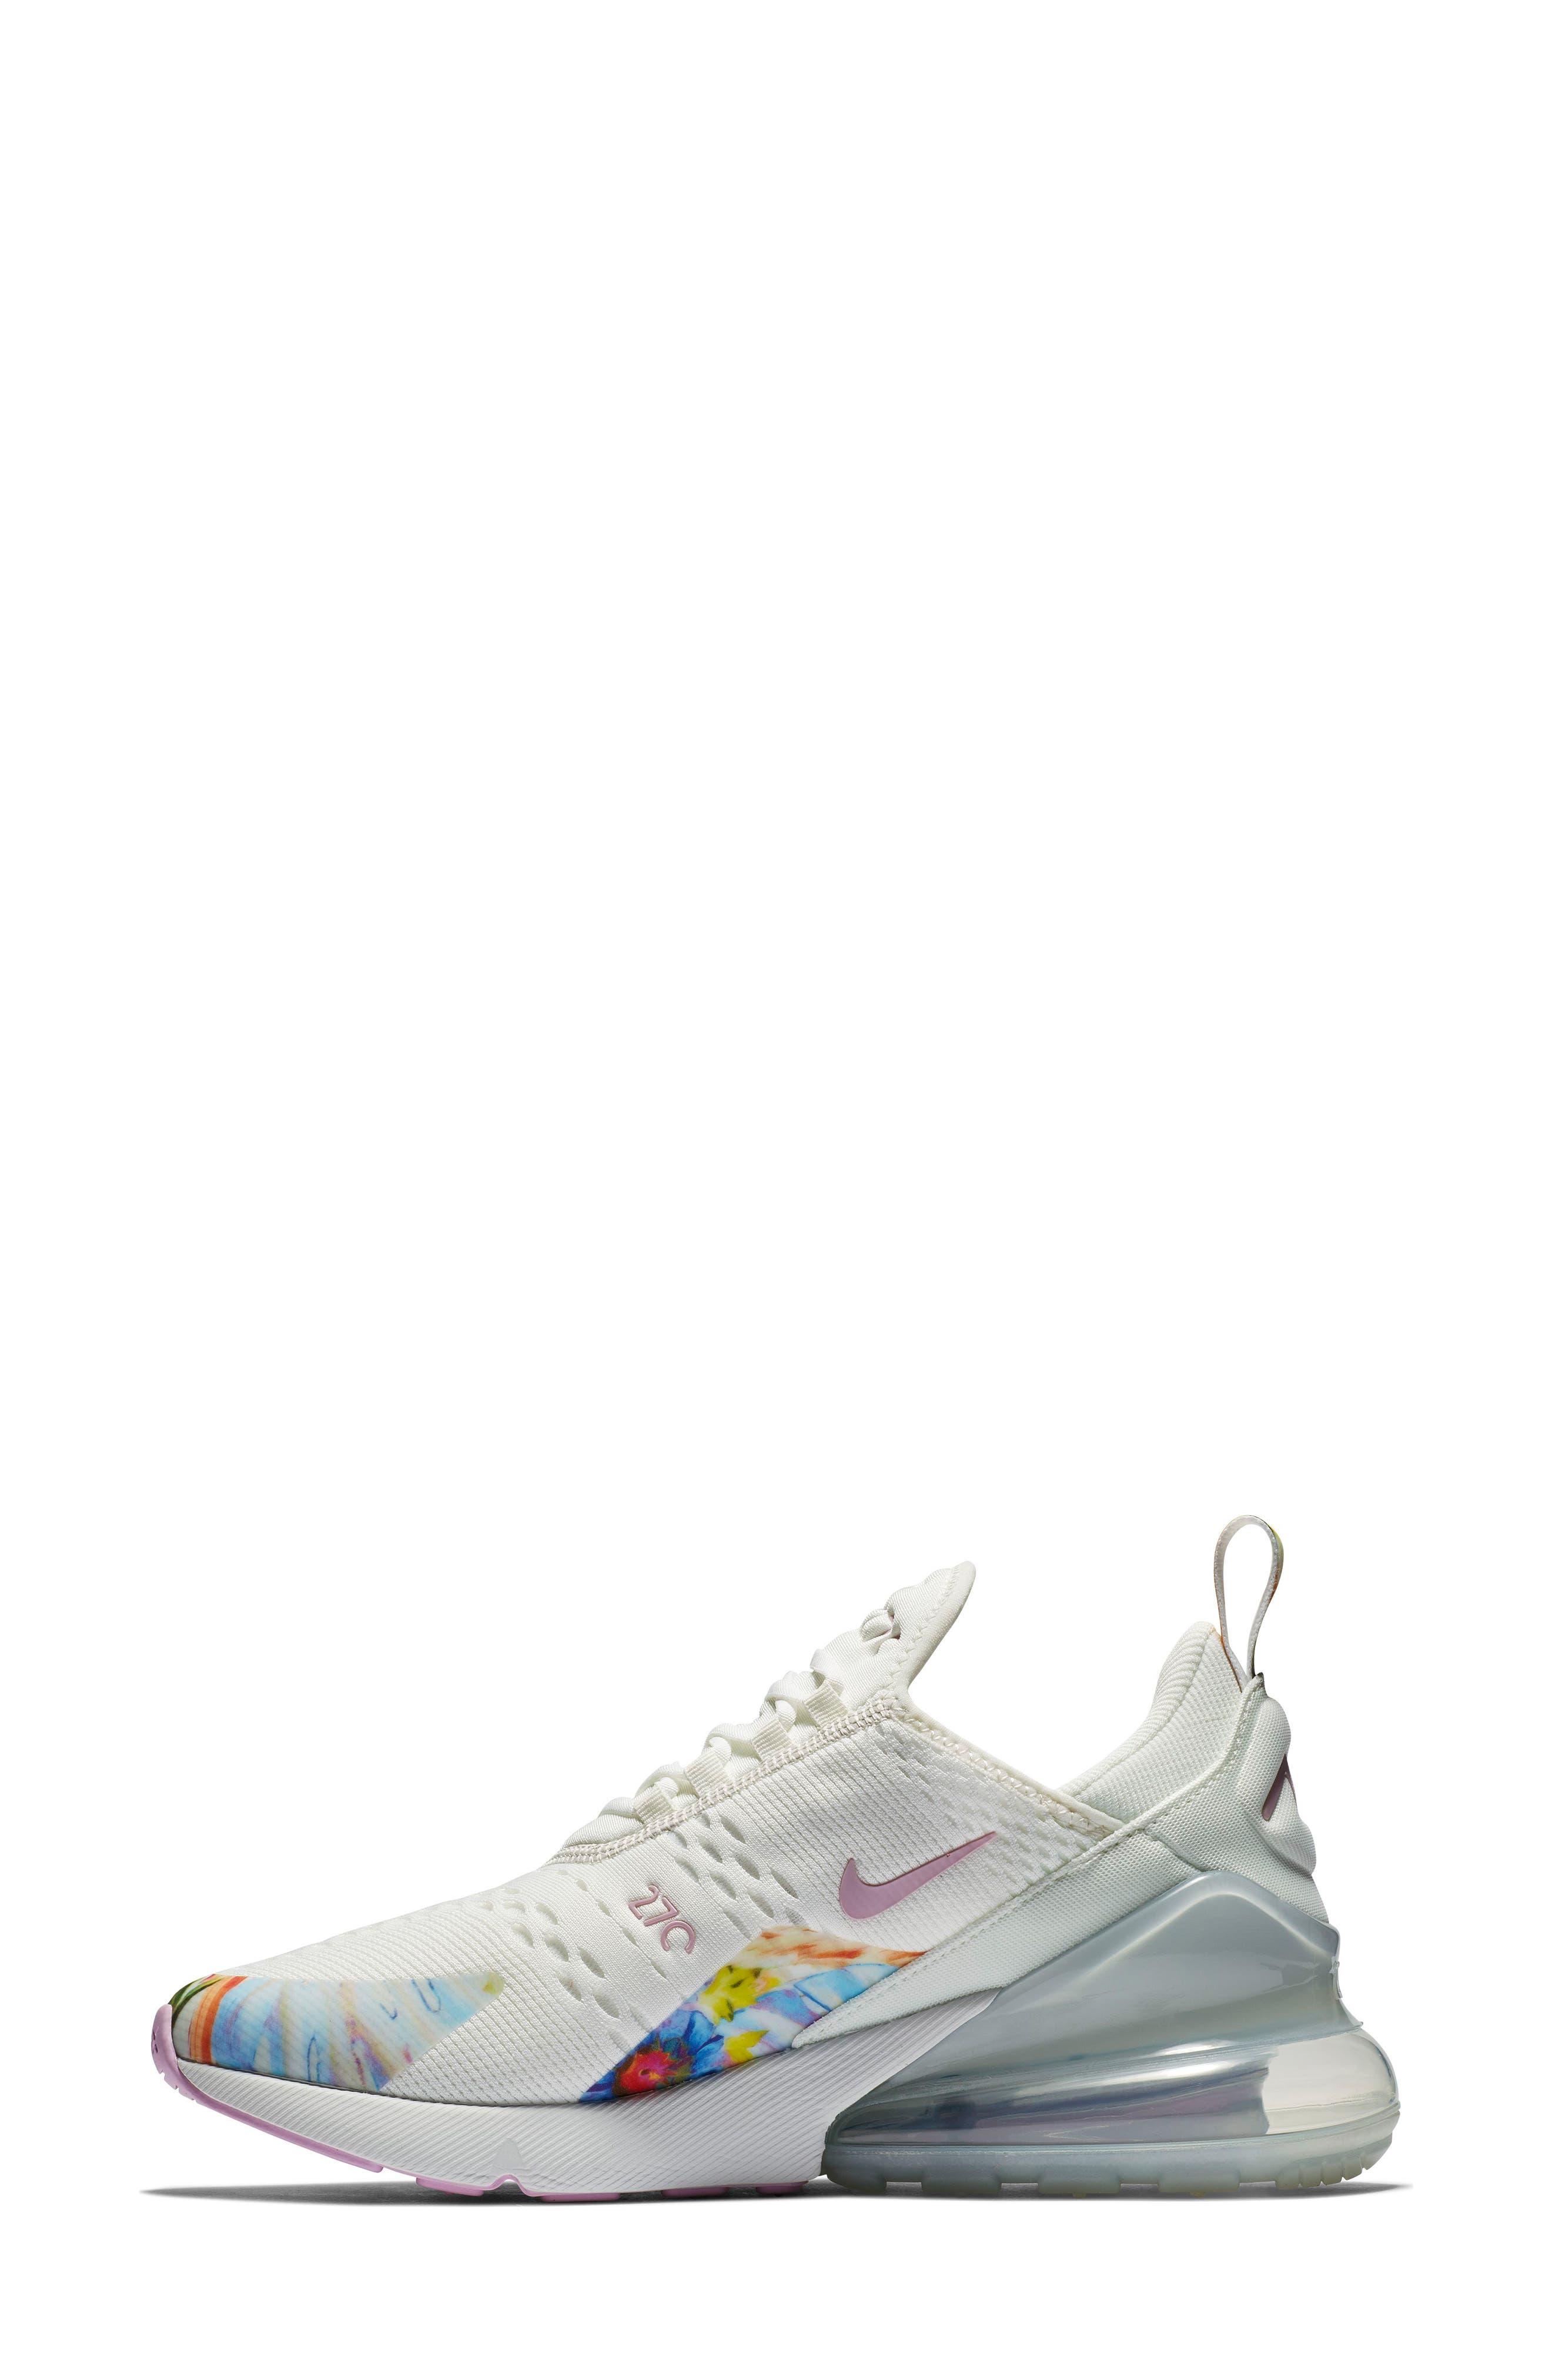 Air Max 270 Premium Sneaker,                             Alternate thumbnail 6, color,                             100